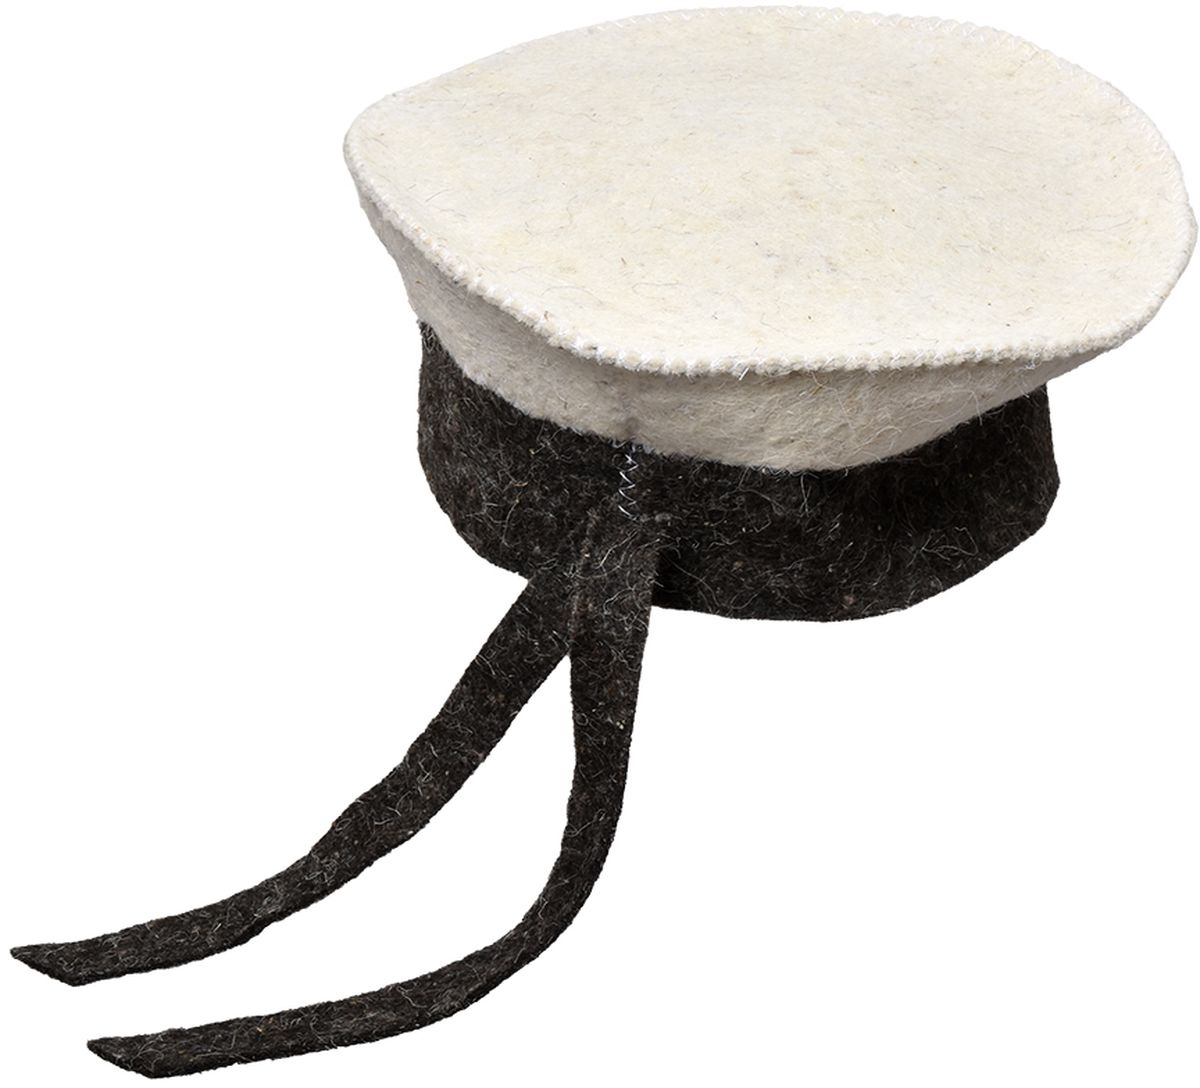 Шапка для бани и сауны Нot Pot Бескозырка Комби41206Шапка для бани и сауны Hot Pot — это необходимый аксессуар при посещении парной. Такая шапка защитит от головокружения и перегрева головы, а также предотвратит ломкость и сухость волос. Изделие замечательно впитывает влагу, хорошо сидит на голове, обеспечивает комфорт и удовольствие от отдыха в парилке. Незаменима в традиционной русской бане, также используется в финских саунах, где температура сухого воздуха может достигать 100°С. Шапка выполнена в оригинальном дизайне.